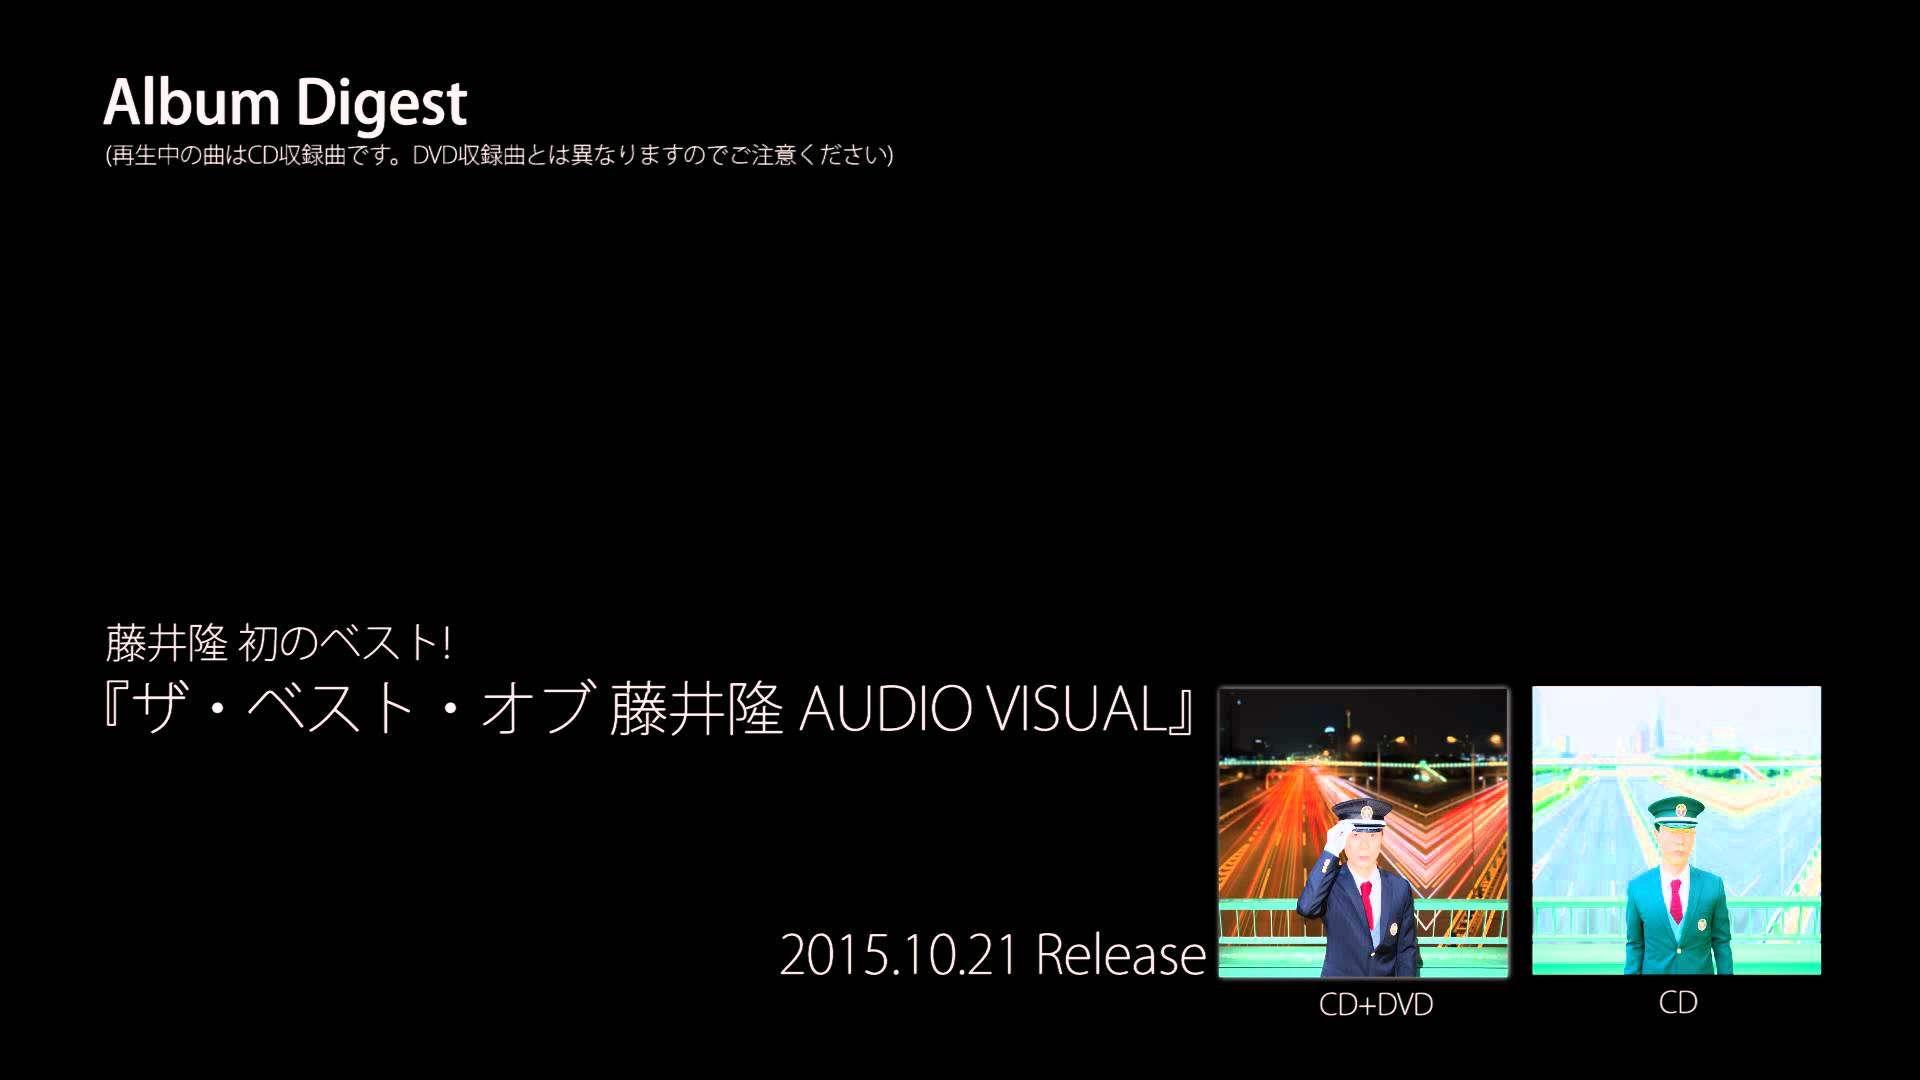 『ザ・ベスト・オブ 藤井隆AUDIO VISUAL』TRAILER - YouTube